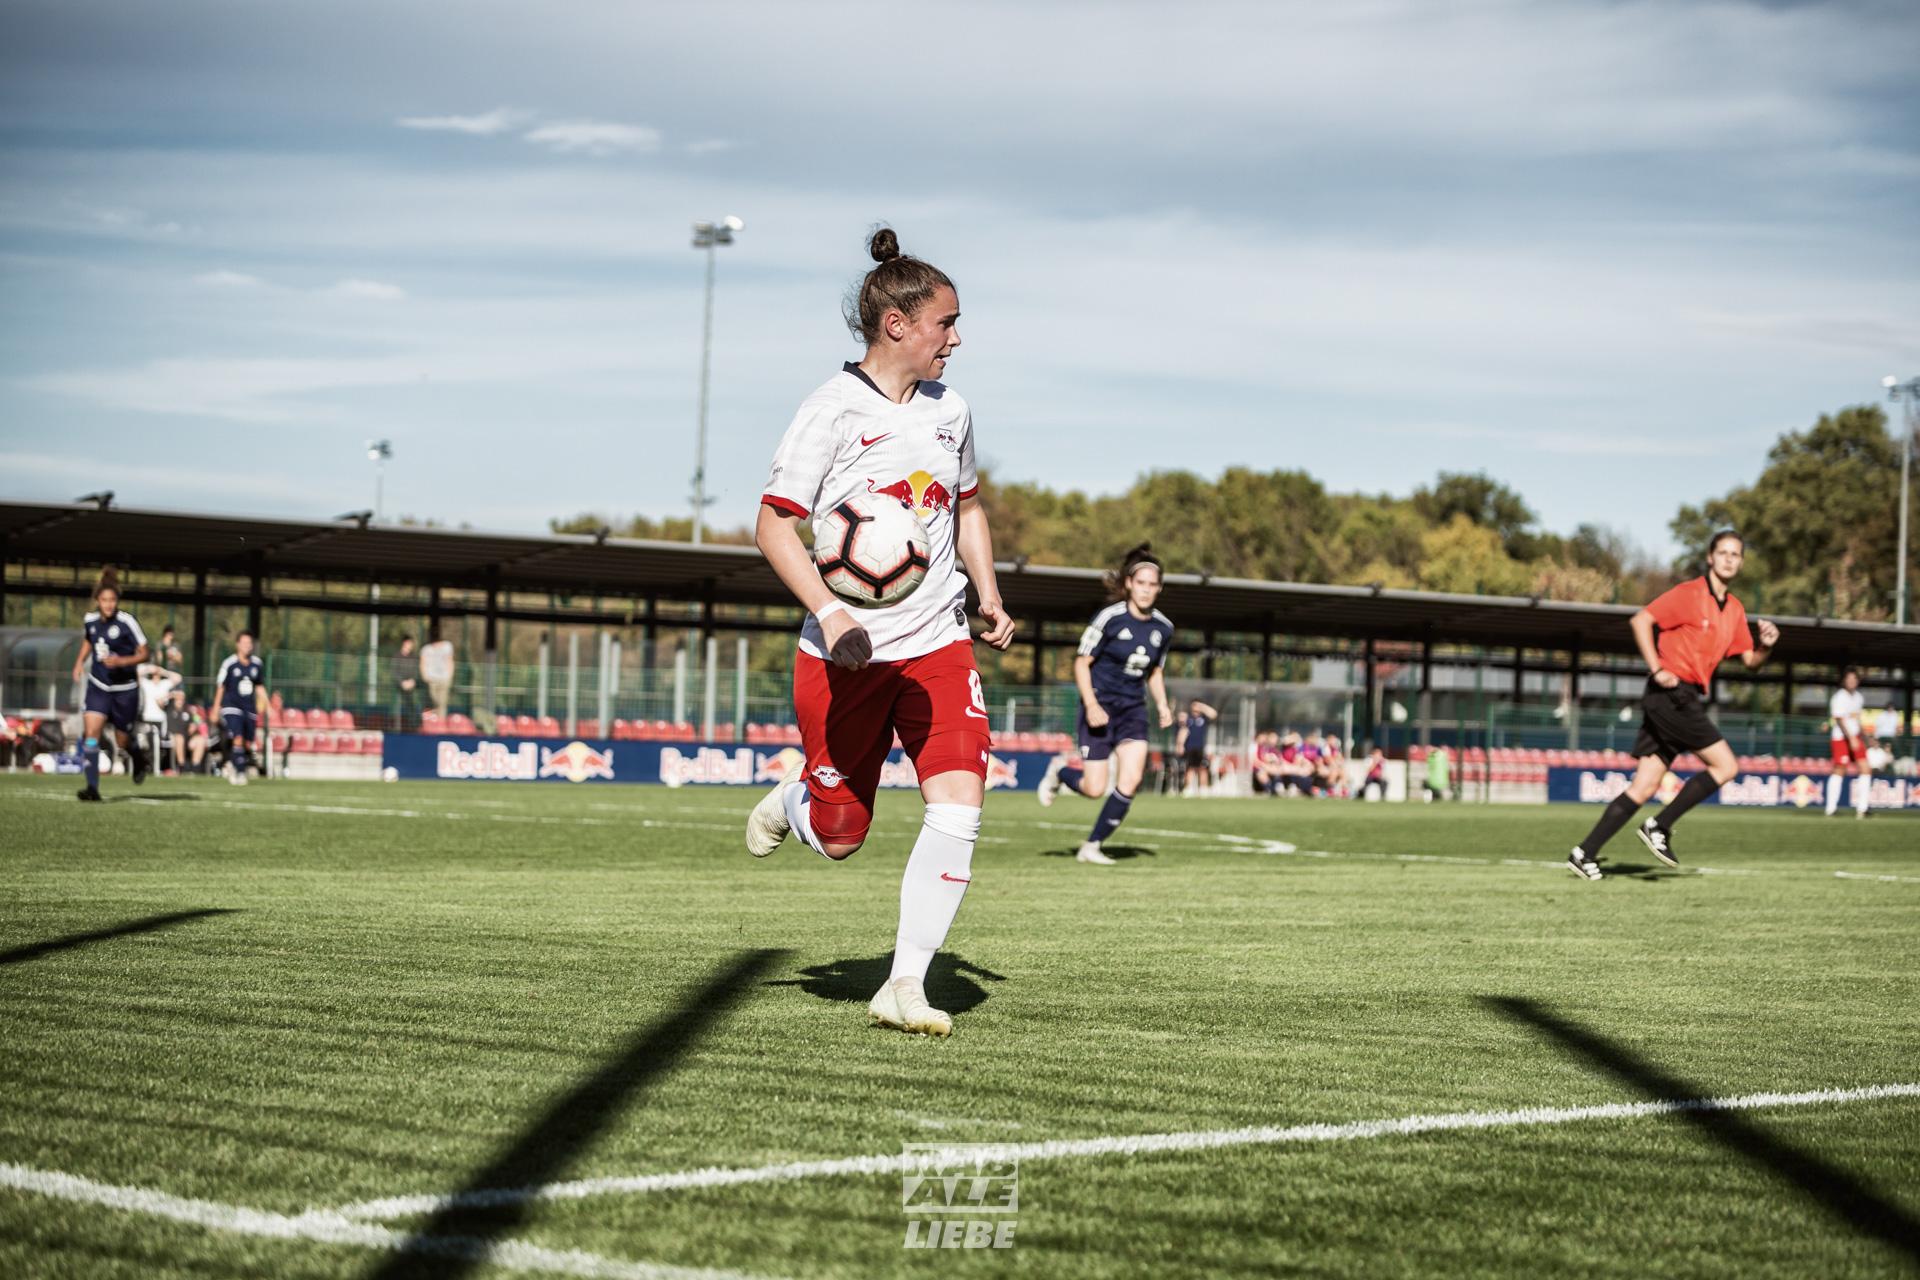 Regionalliga Nordost Frauen: RB Leipzig -vs- Blau-Weiß Hohen Neuendorf